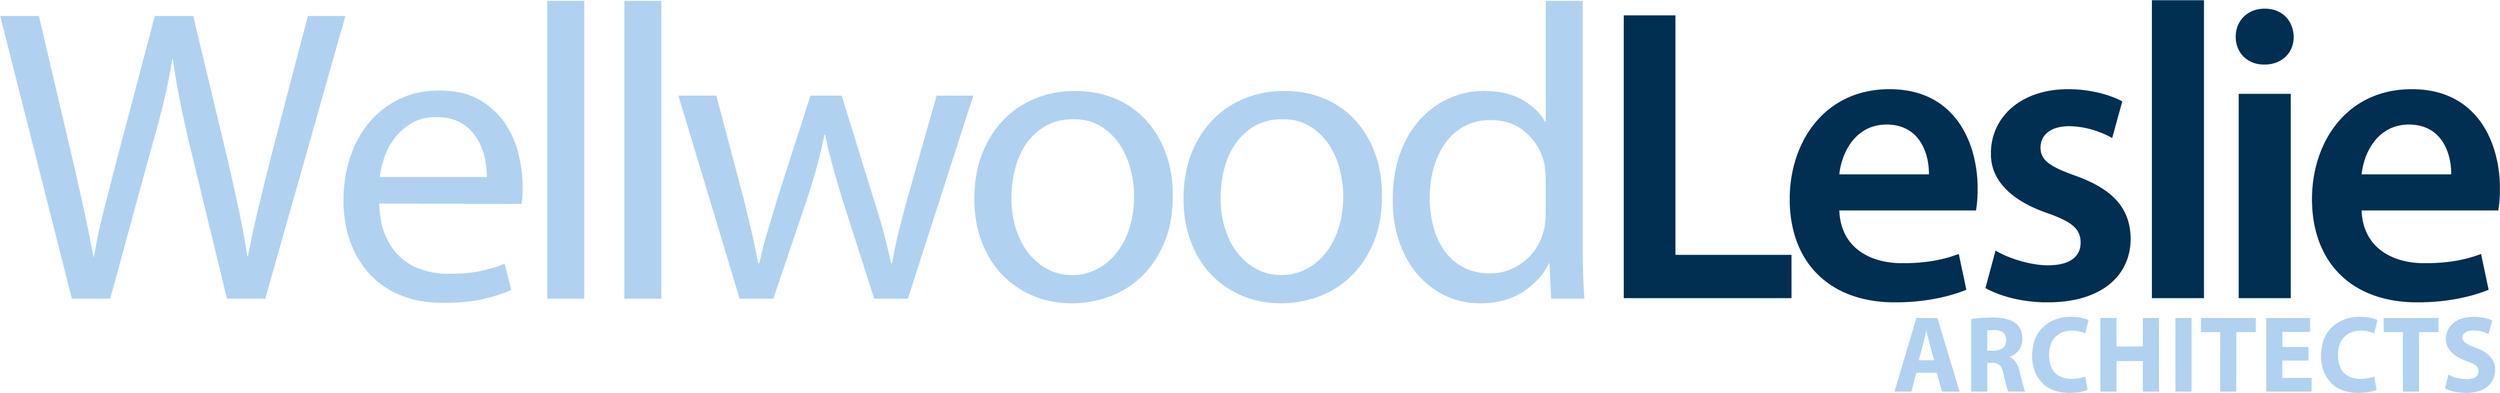 Wellwood_Leslie_Logo_190612.png